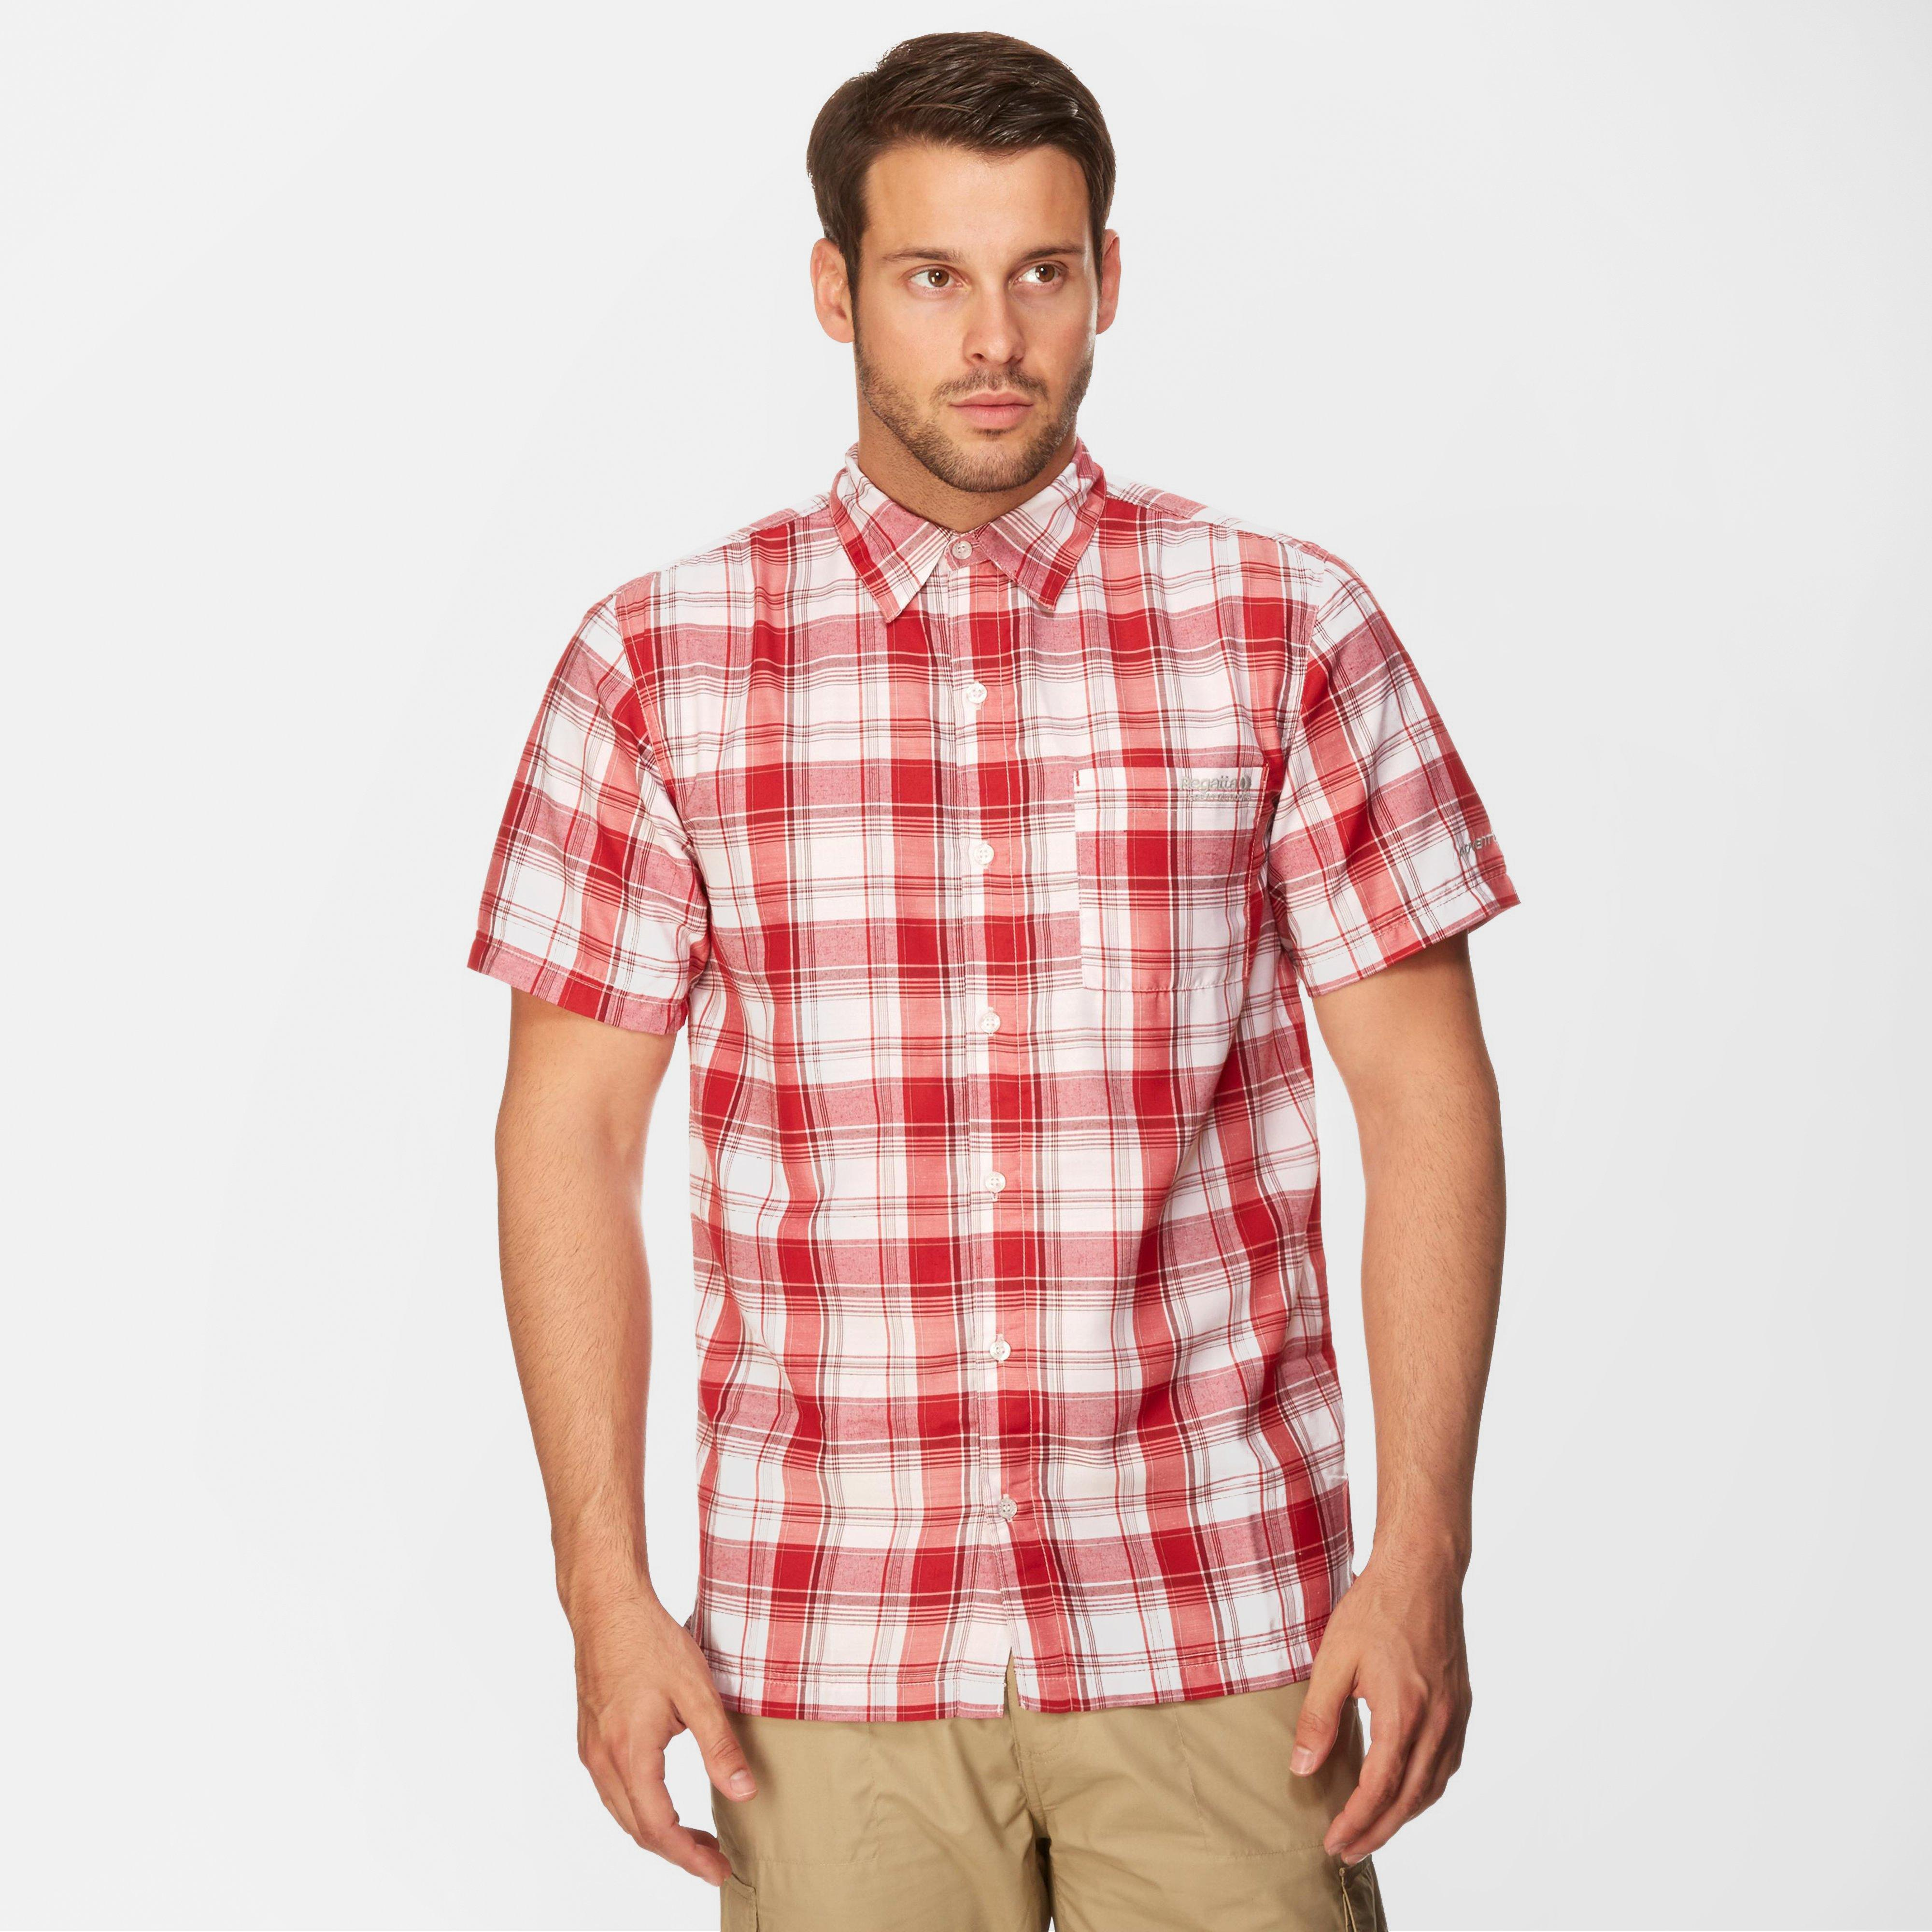 Regatta Regatta Mens Brennen Short Sleeve Shirt - Red, Red